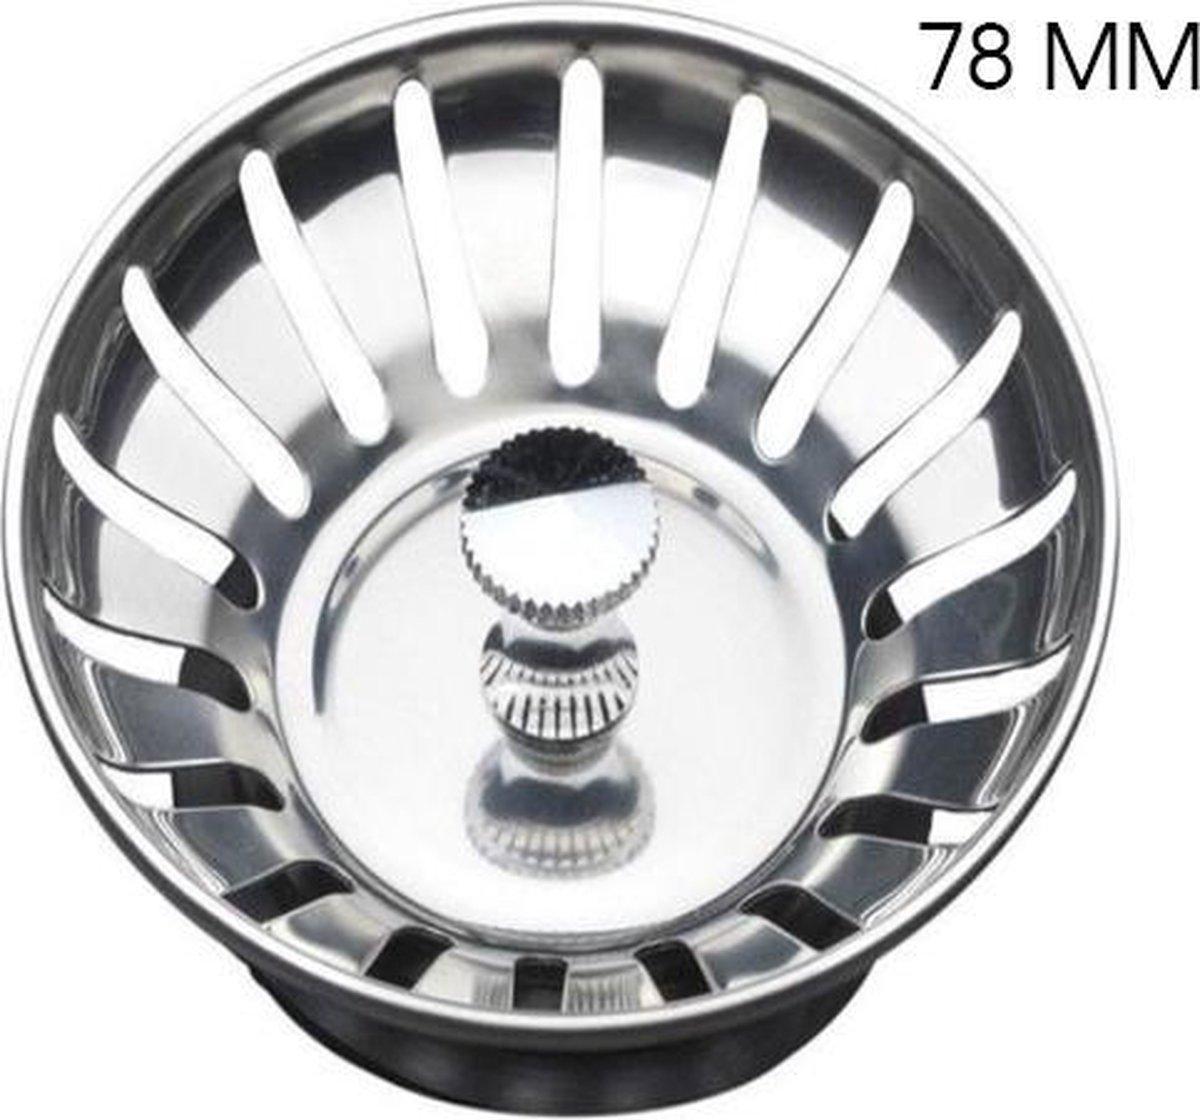 Luxe Afvoerzeef RVS 78 mm - afvoerstop - korfplug - gootsteenstop - korfplug gootsteen